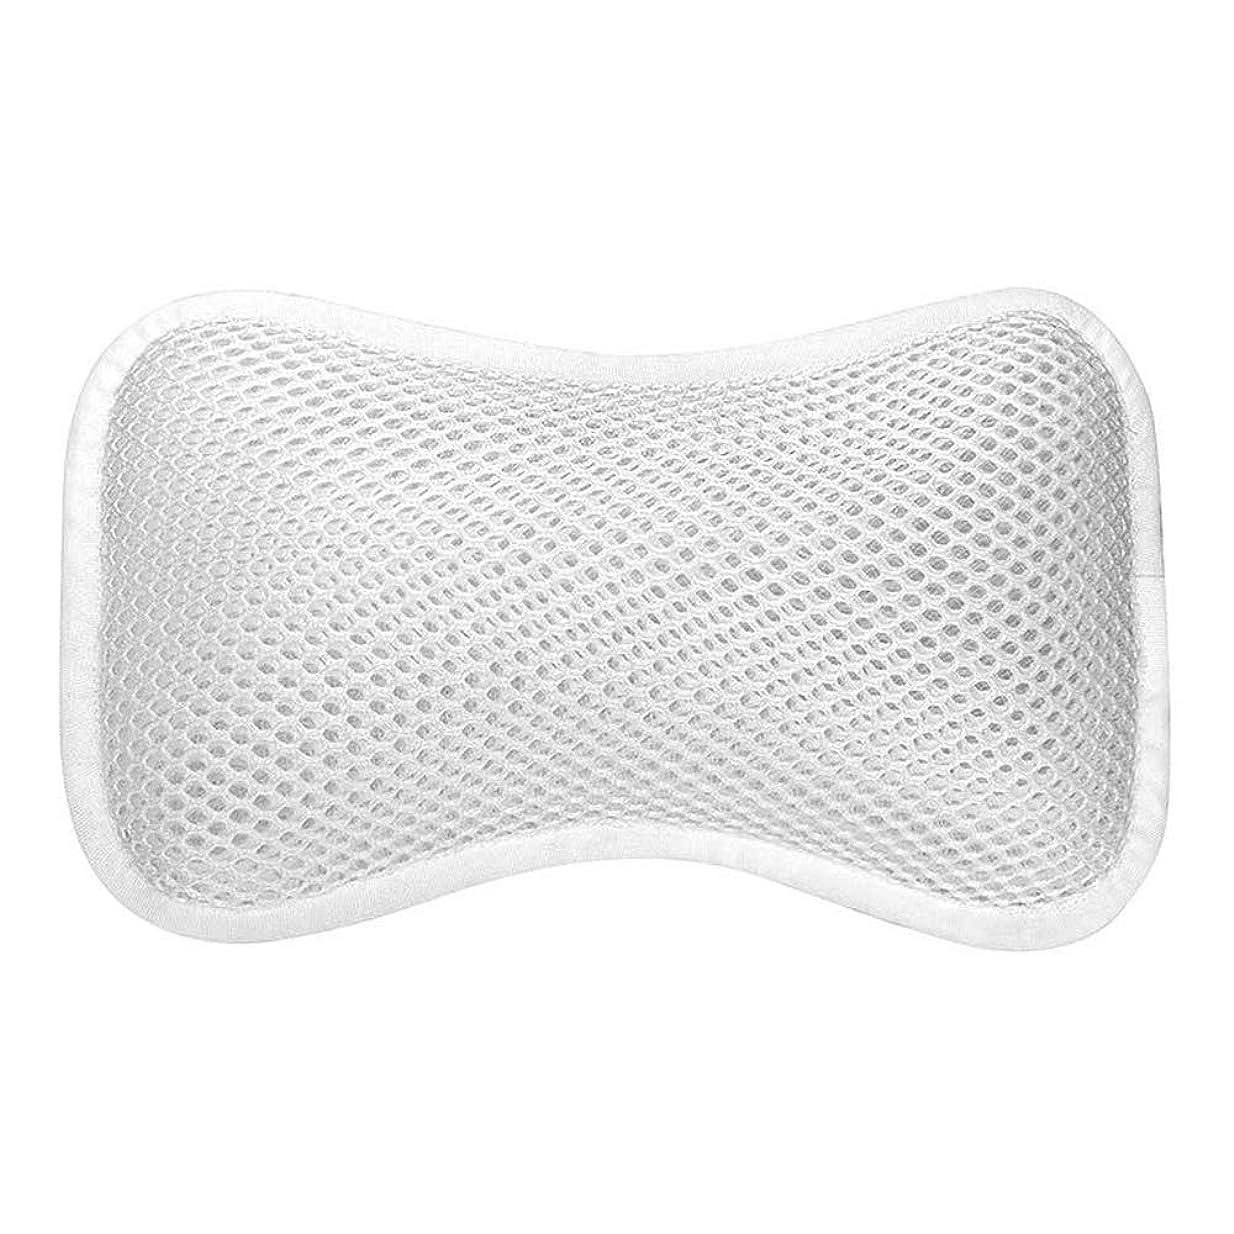 毎週樹木実験的3D網の骨の定形バスタブの枕、吸盤が付いている人間工学的の設計滑り止??めの浴槽の枕